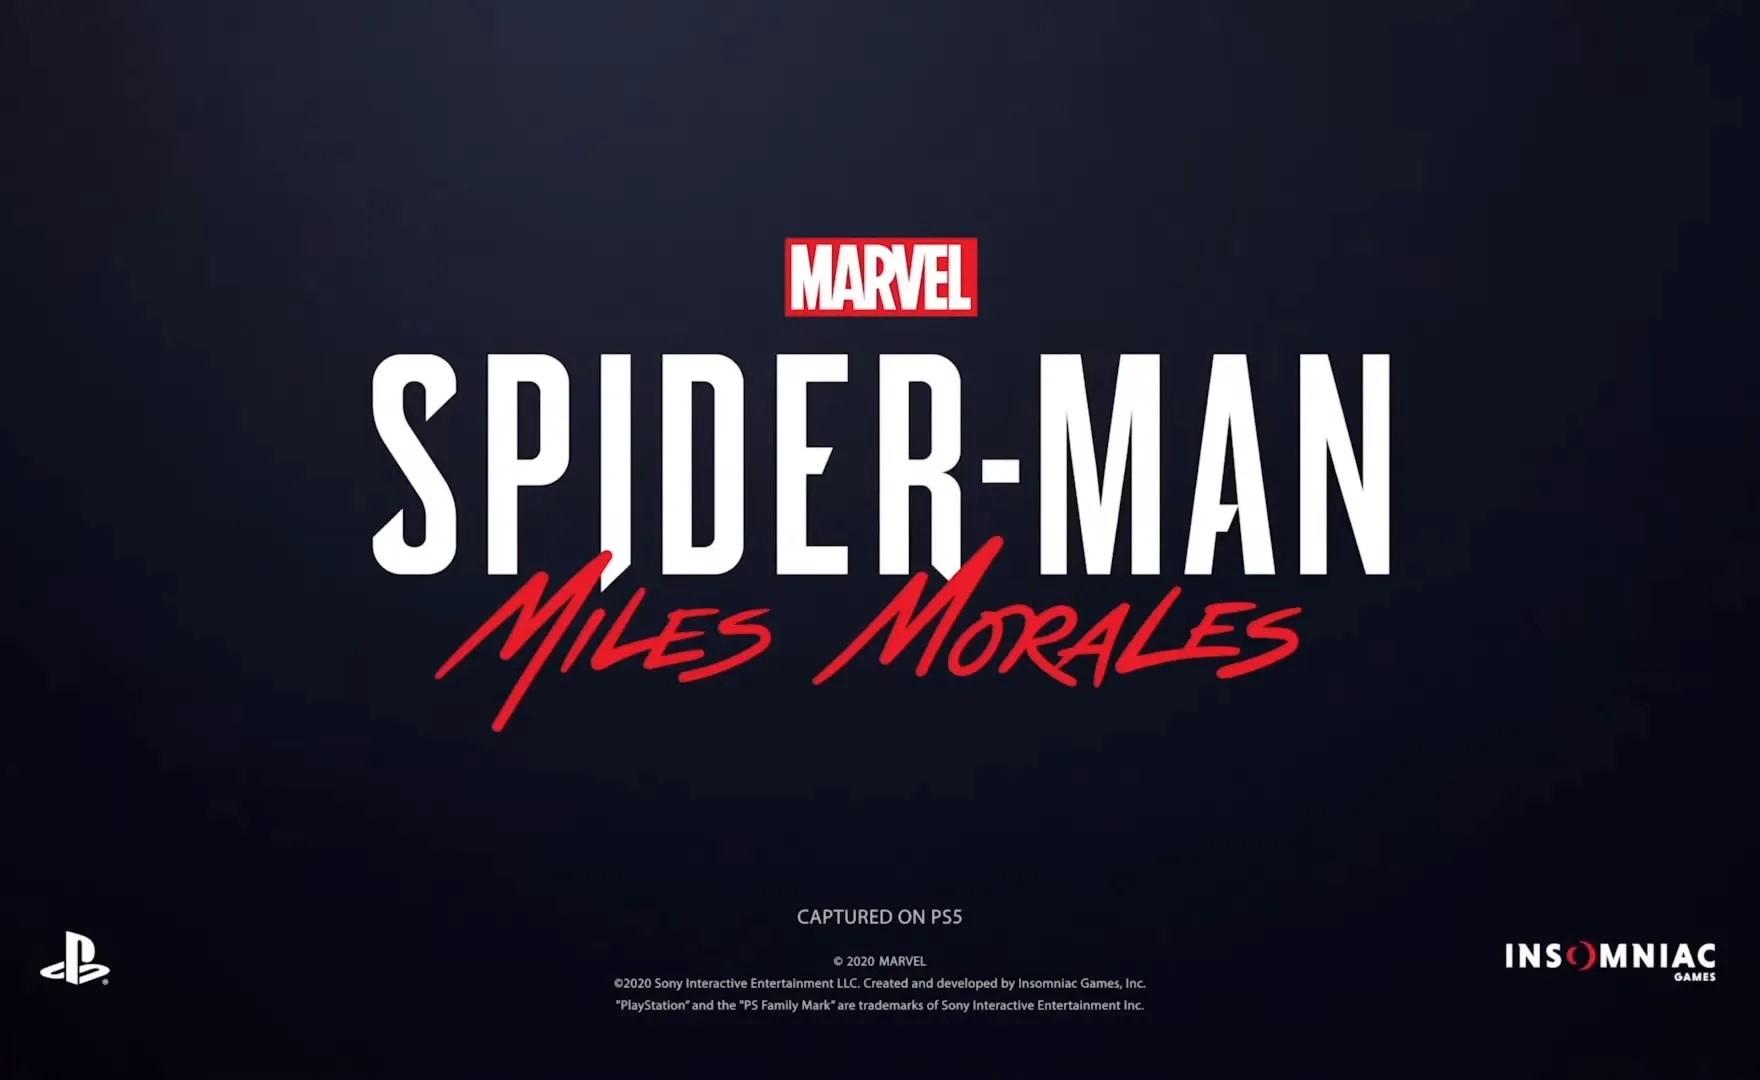 Spider-Man Miles Morales non è un gioco completo?